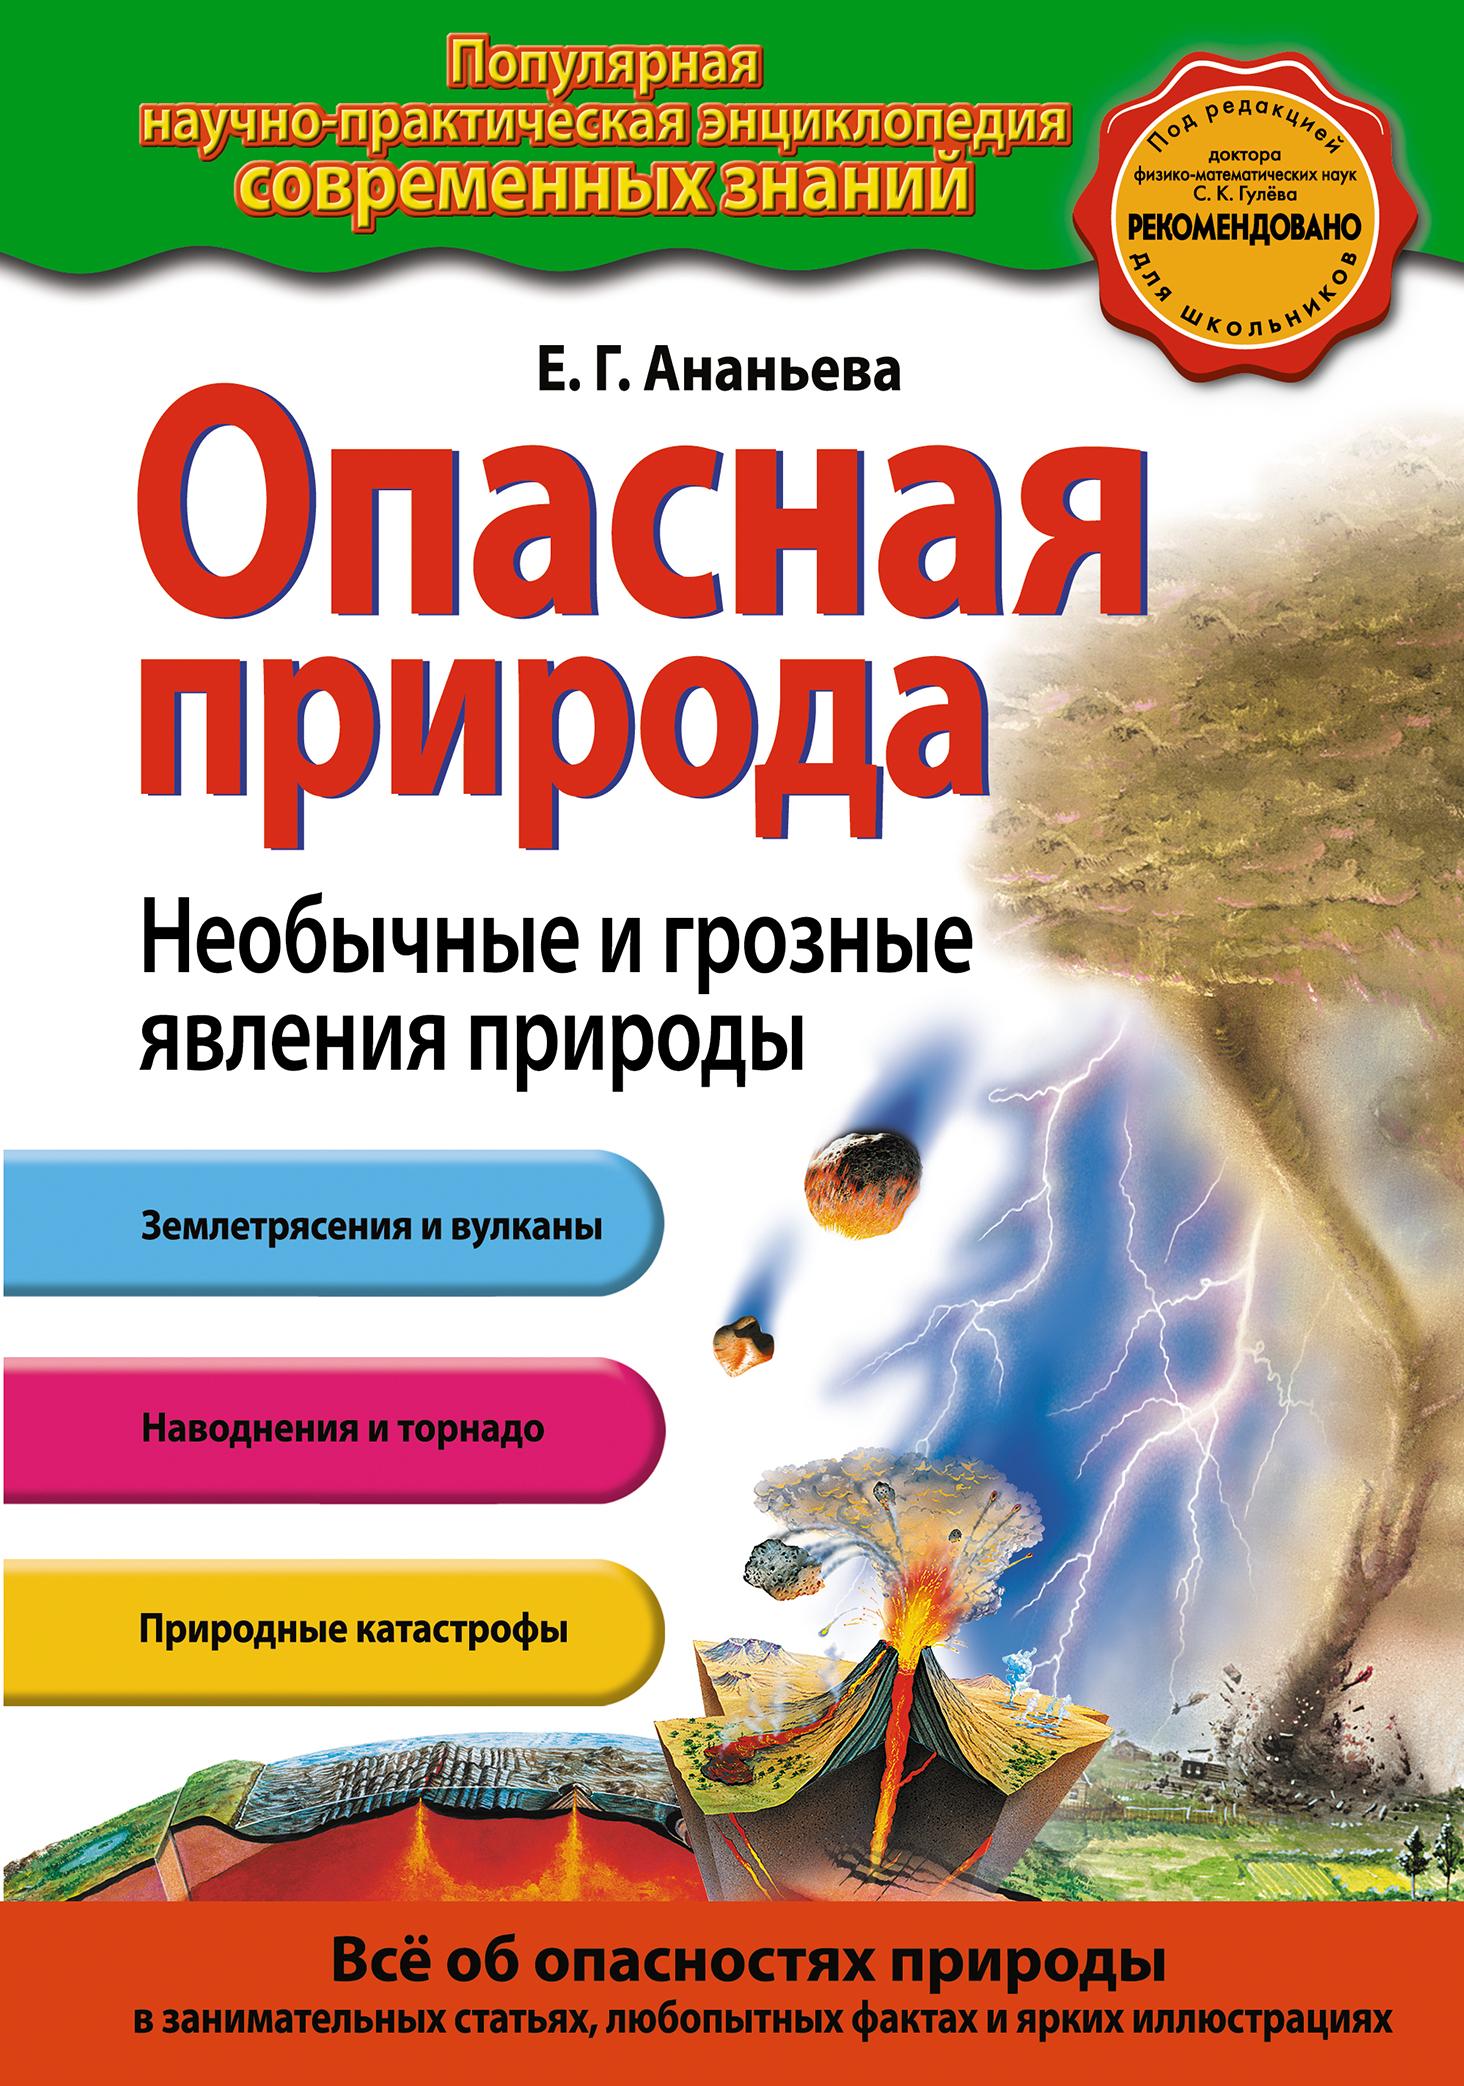 Опасная природа. Необычные и грозные явления природы от book24.ru